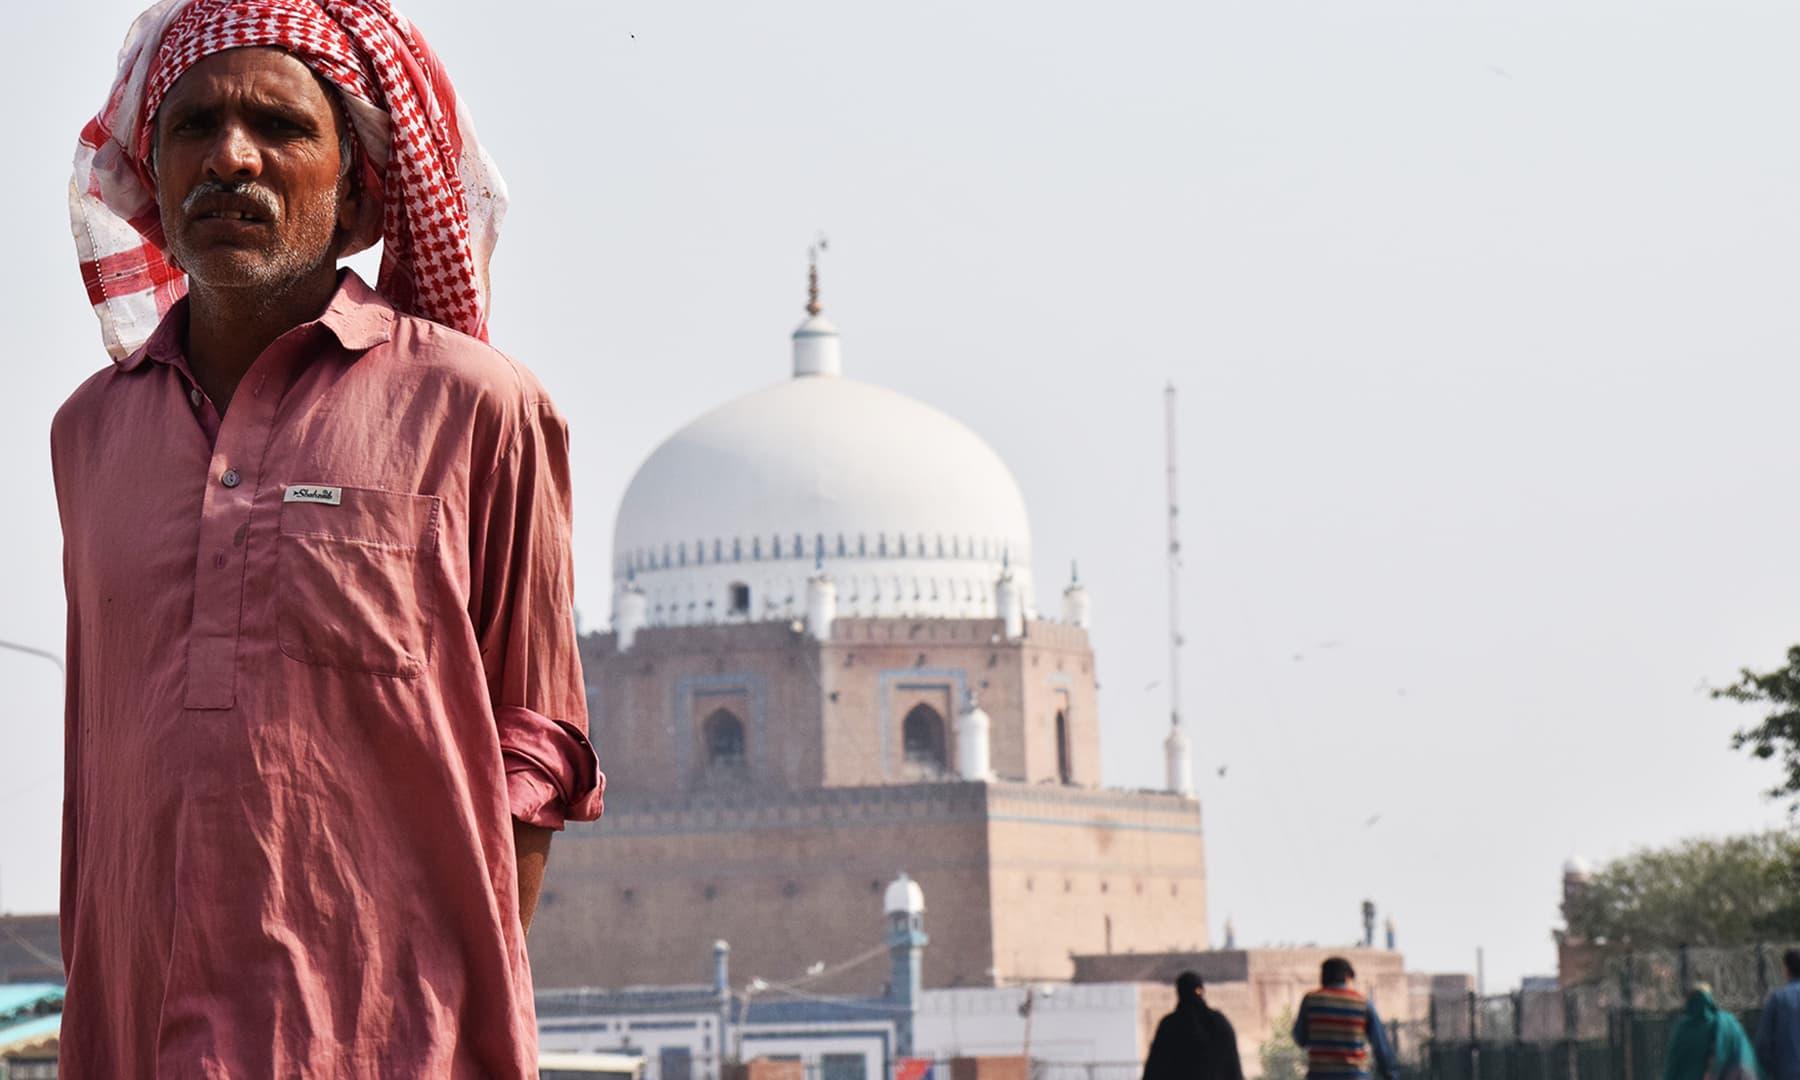 ملتان میں عقیدت کے رنگ ہرسوں دکھائی دیے—تصویر عظمت اکبر